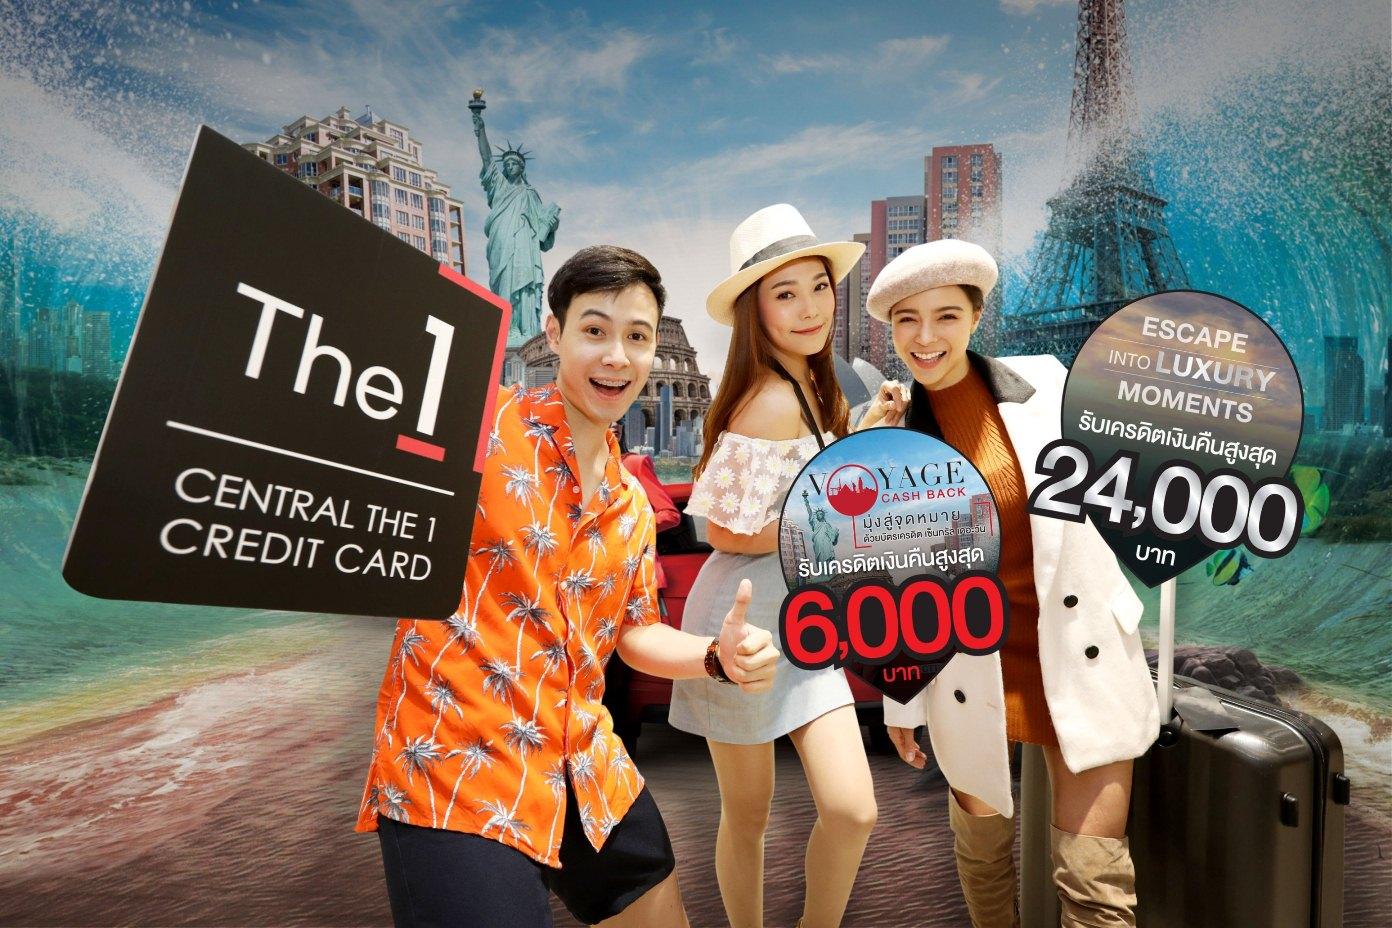 เที่ยวสนุกสุดคุ้มกับบัตรเครดิต เซ็นทรัล เดอะวัน ทั้งในและต่างประเทศ รับเครดิตเงินคืนสูงสุดถึง 24,000 บาท 2 -